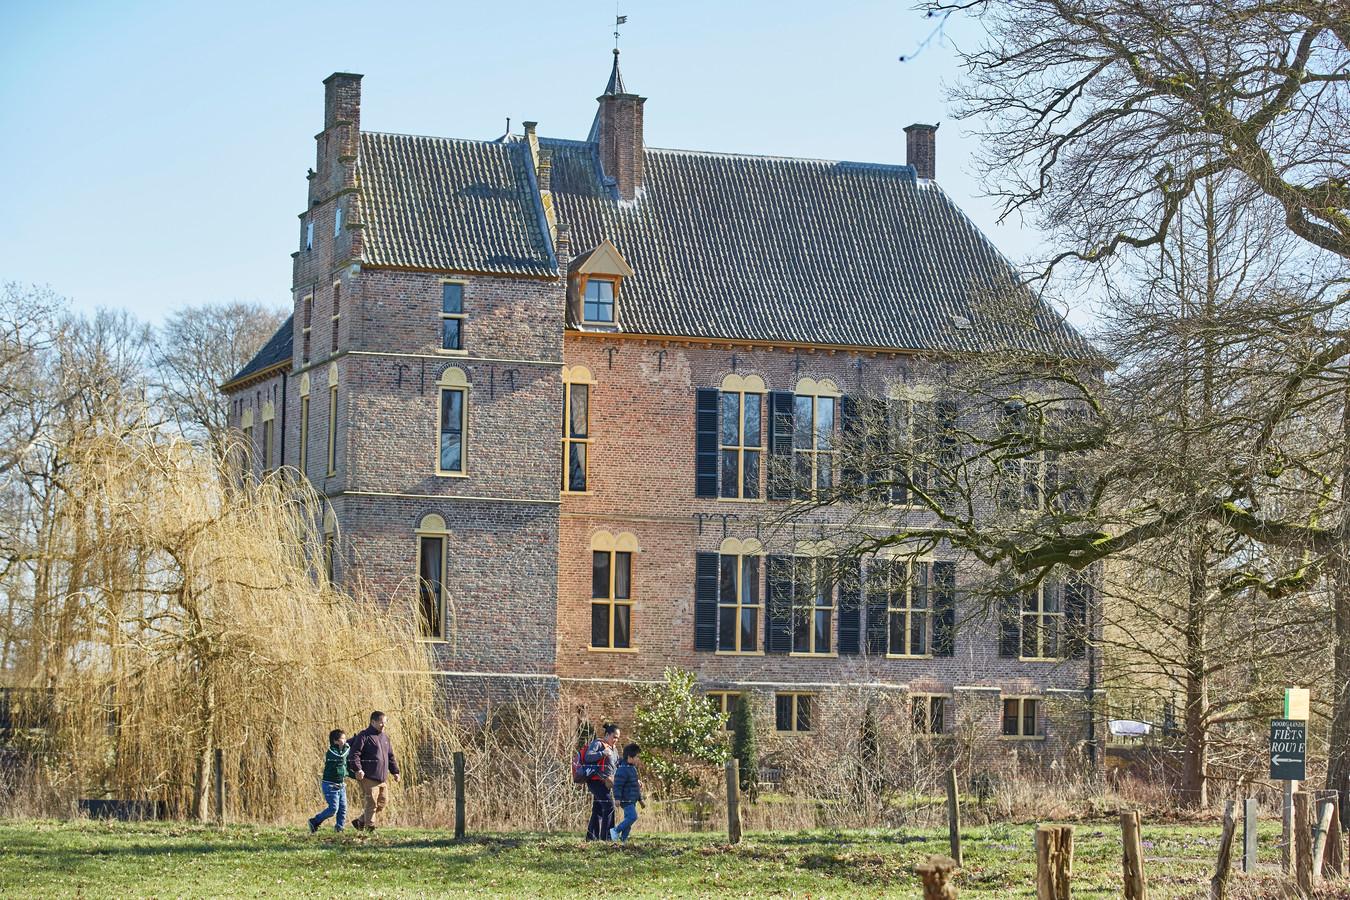 Wandelaars rondom Kasteel Vorden. De rechter bepaalde onlangs dat iedereen mag wandelen over de paden rondom het kasteel, ook zonder toegangskaartje.